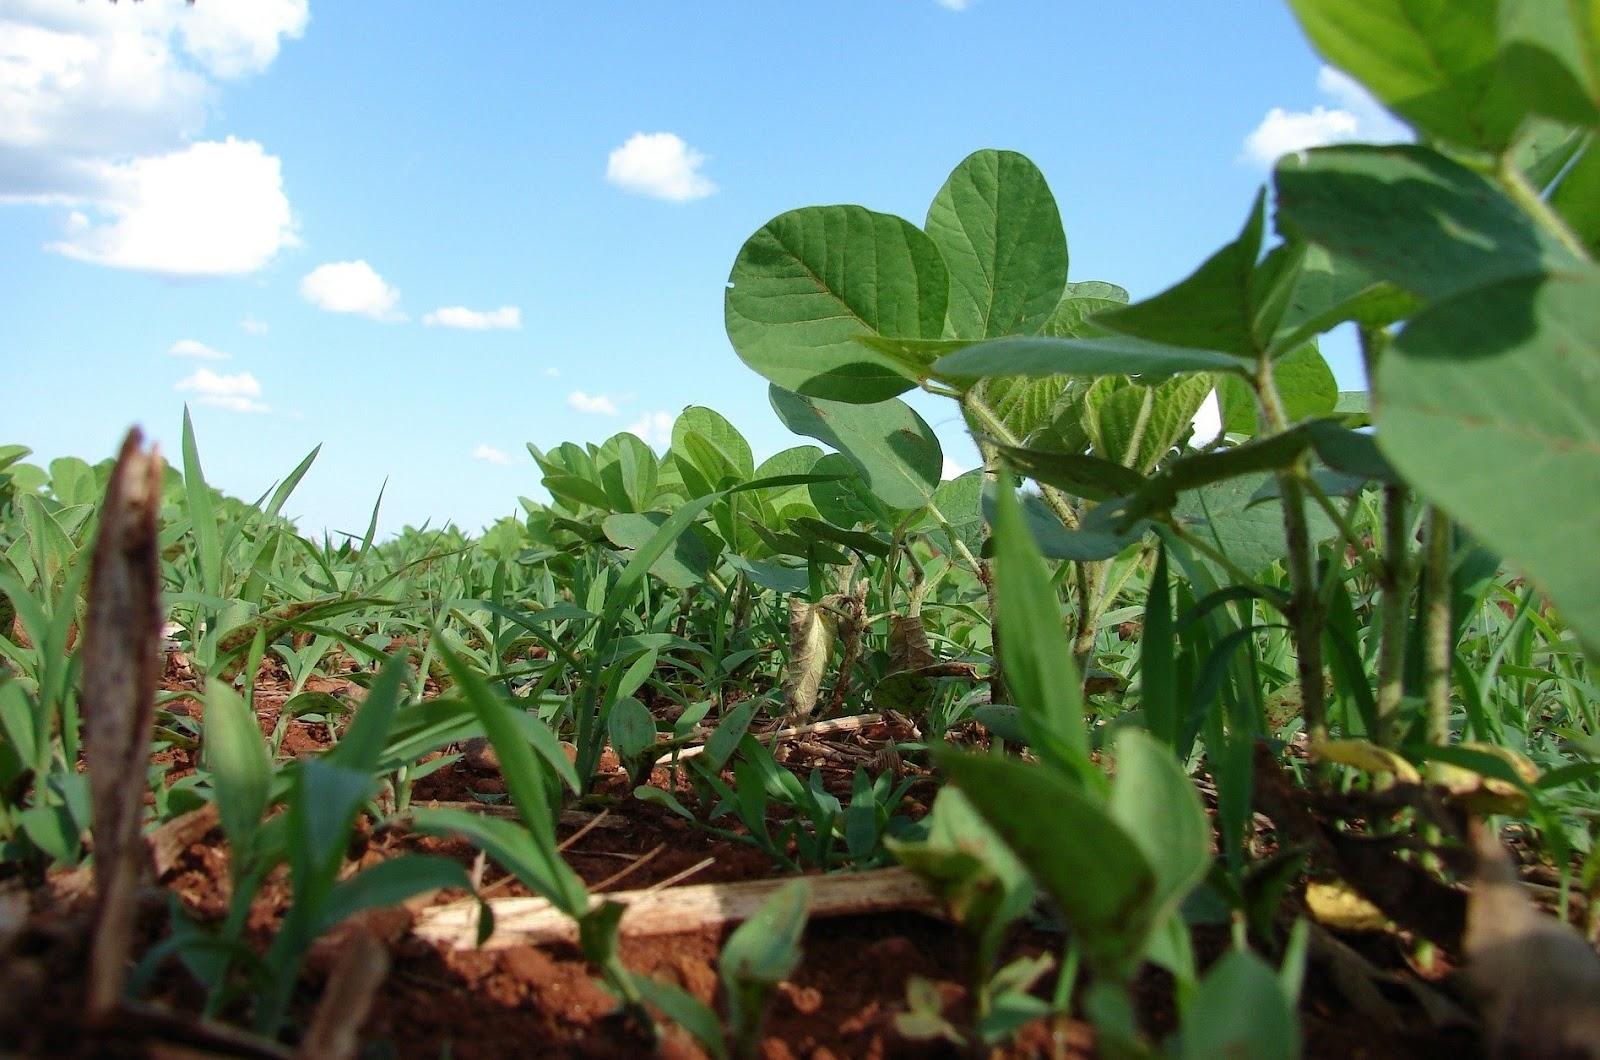 Organizações responsáveis já promovem iniciativas para a redução de carbono no Brasil. (Fonte: Pixabay)